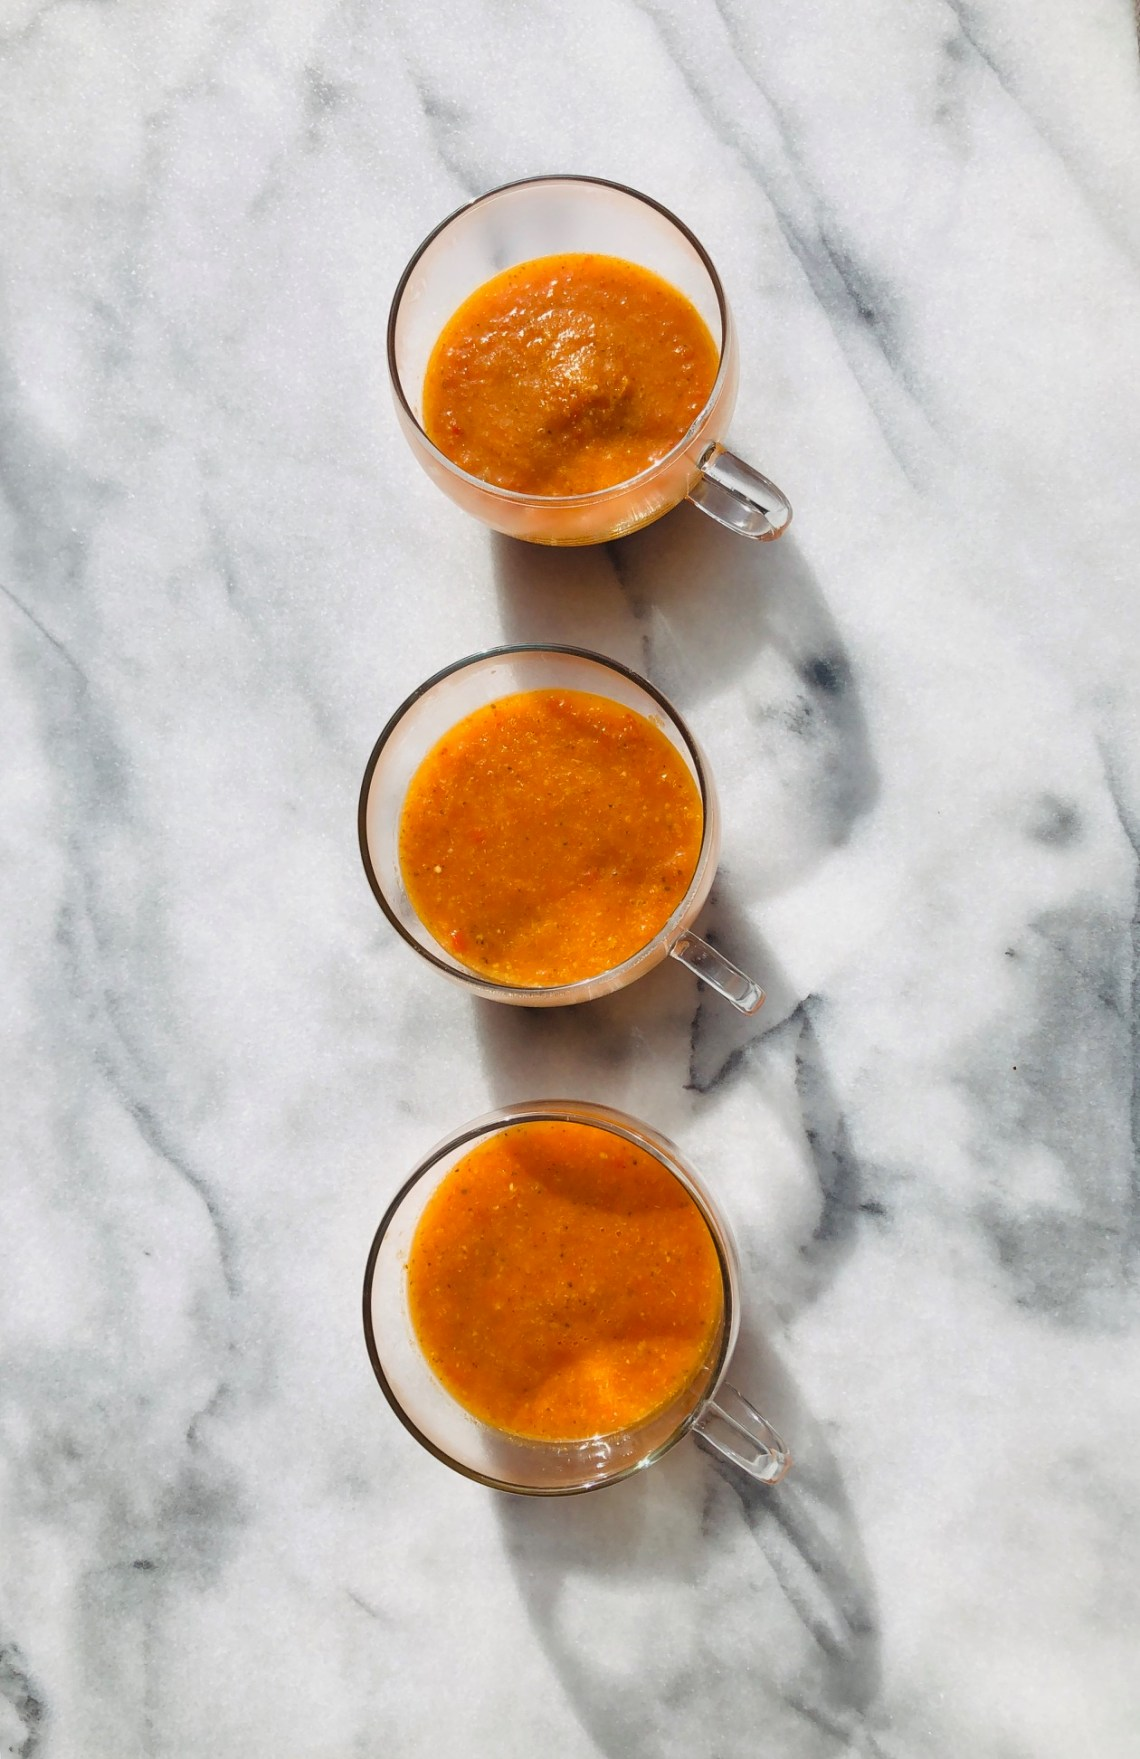 #recettesfamille #recettesansnoix #recettesansarachide #potage $soupe $soupelégumes #soupelegume #potage #potagelégume #potalelegumes #potagetouski #soupetouski #soupevidefrigo #potagevidefrigo